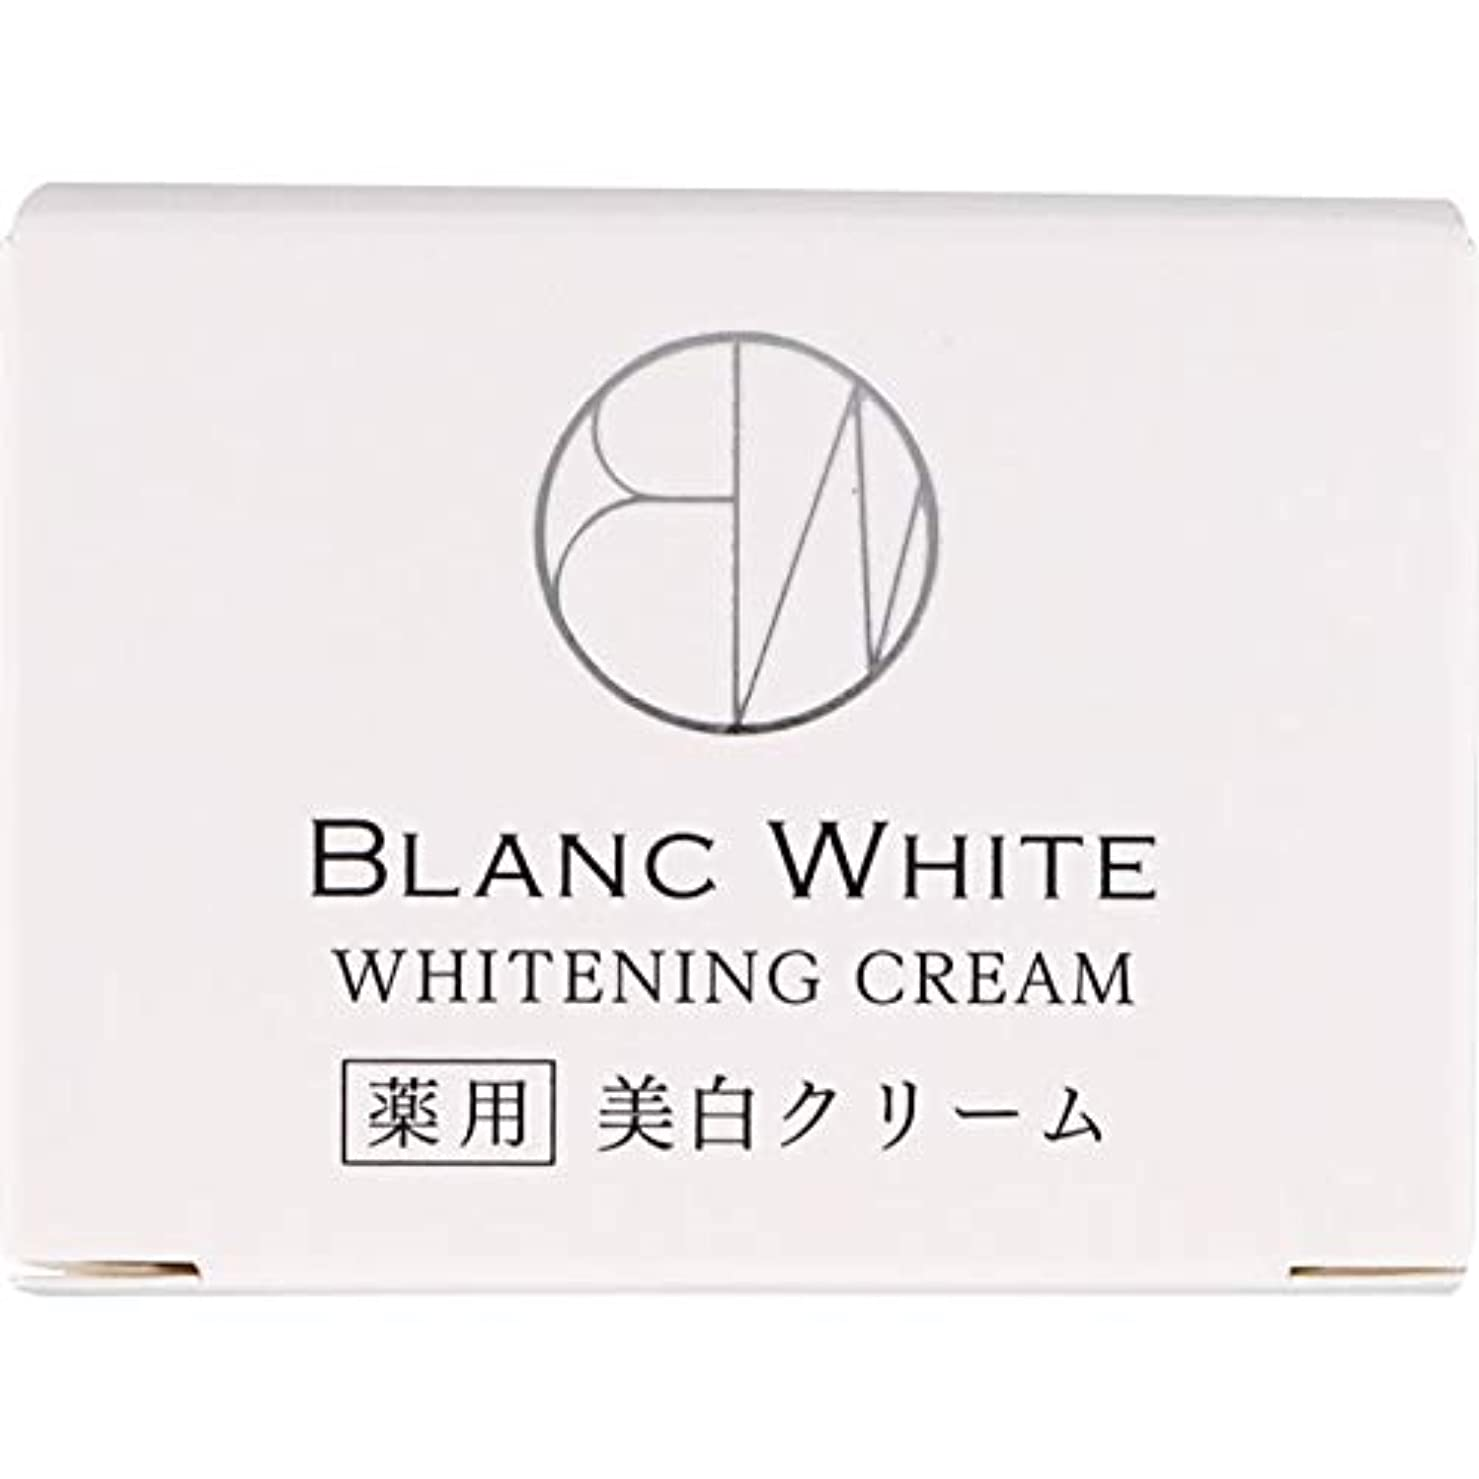 翻訳する電子レンジ問い合わせブランホワイト ホワイトニング クリーム 45g